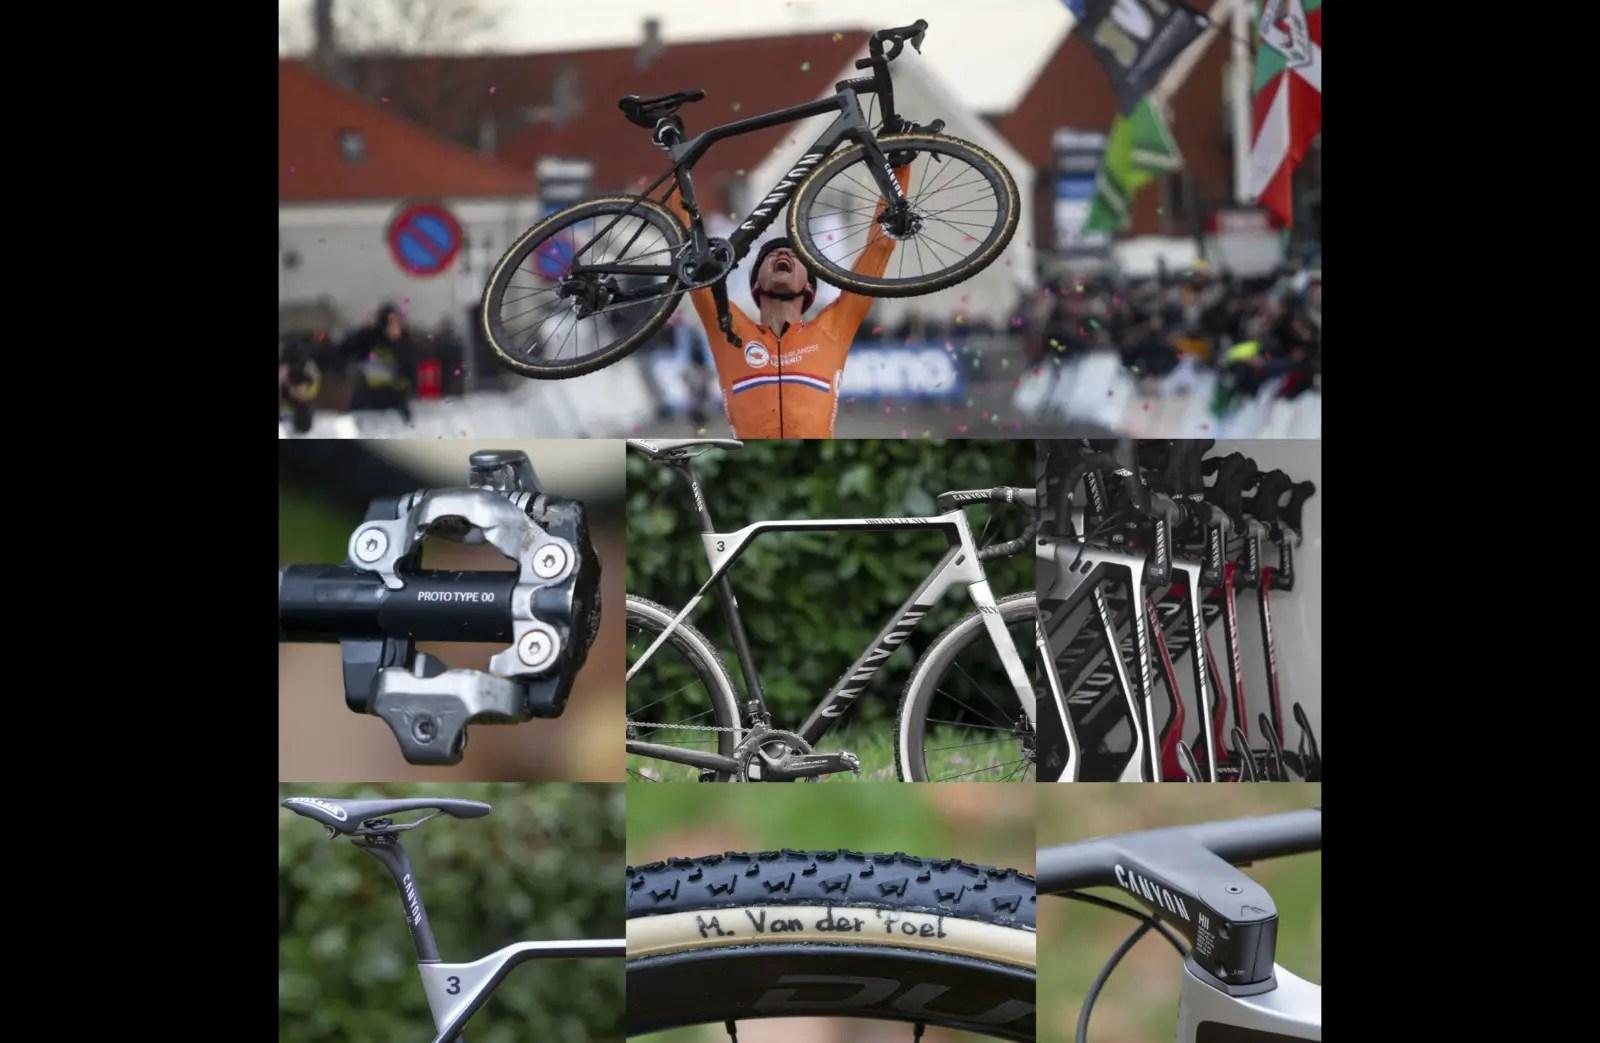 worlds bike mathieu van der poel s